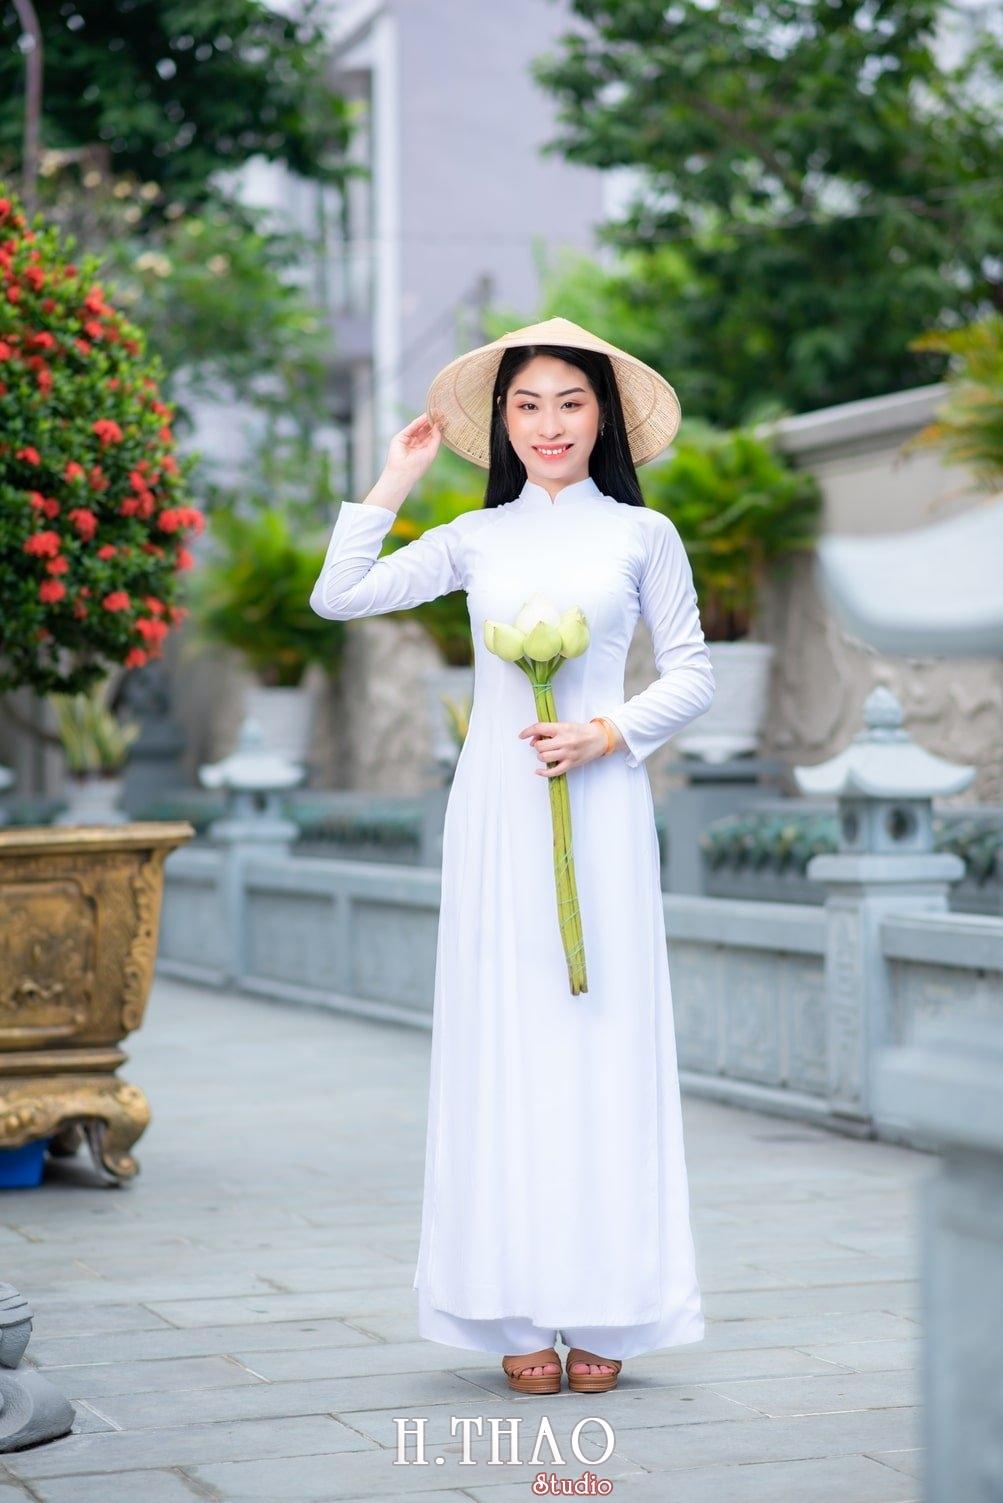 Ao dai trang 1 - Album áo dài trắng tại Thiền Viện Vạn Hạnh - HThao Studio